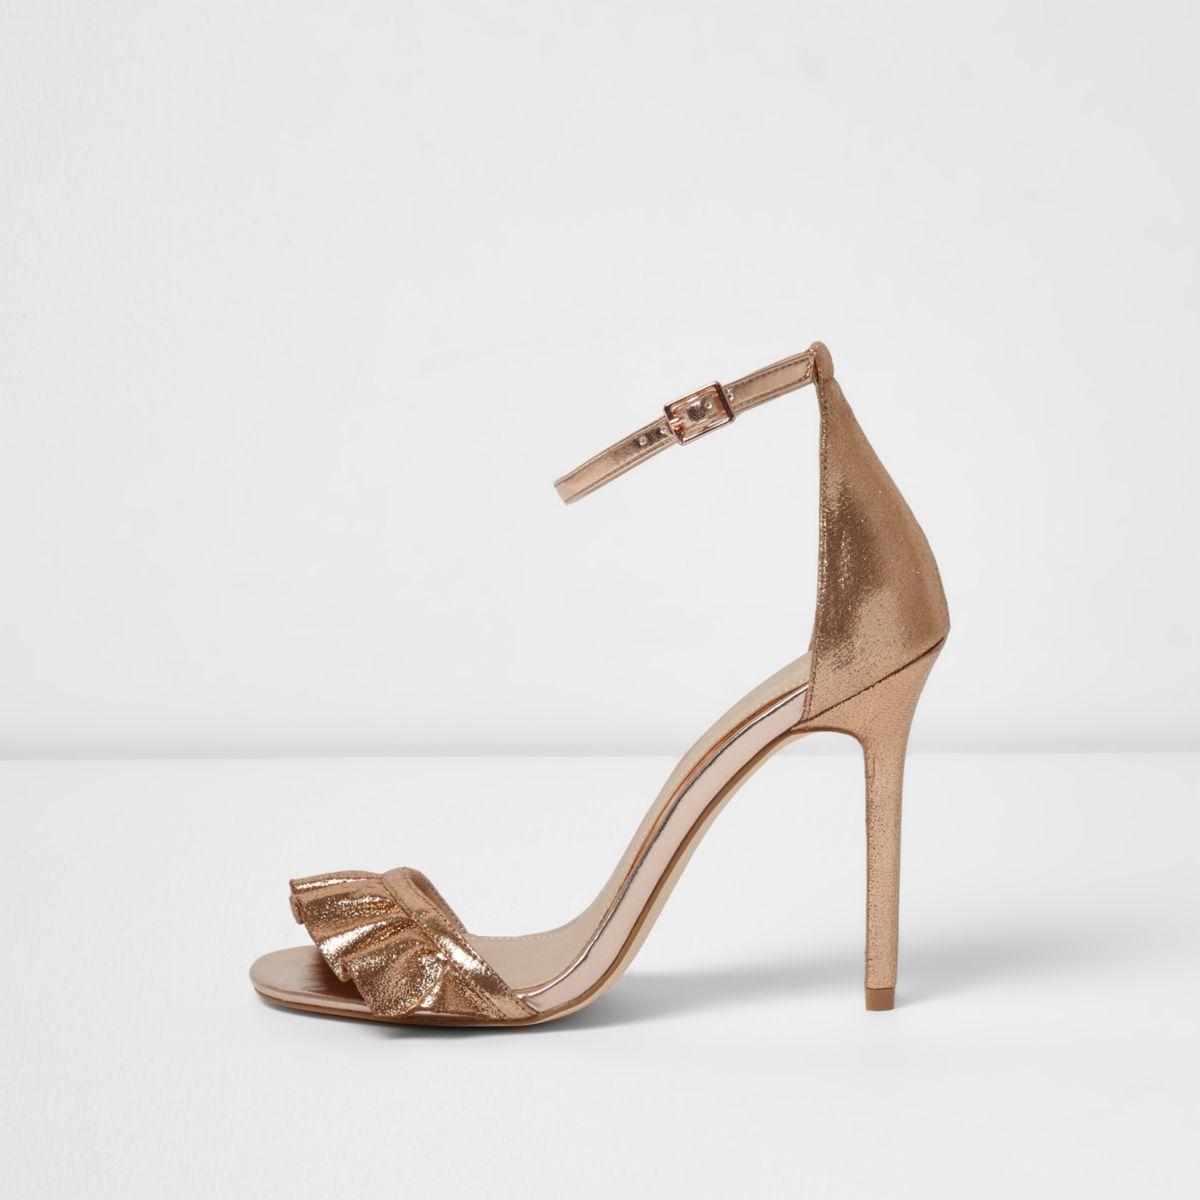 Sandales minimalistes doré rose avec lanières et volants